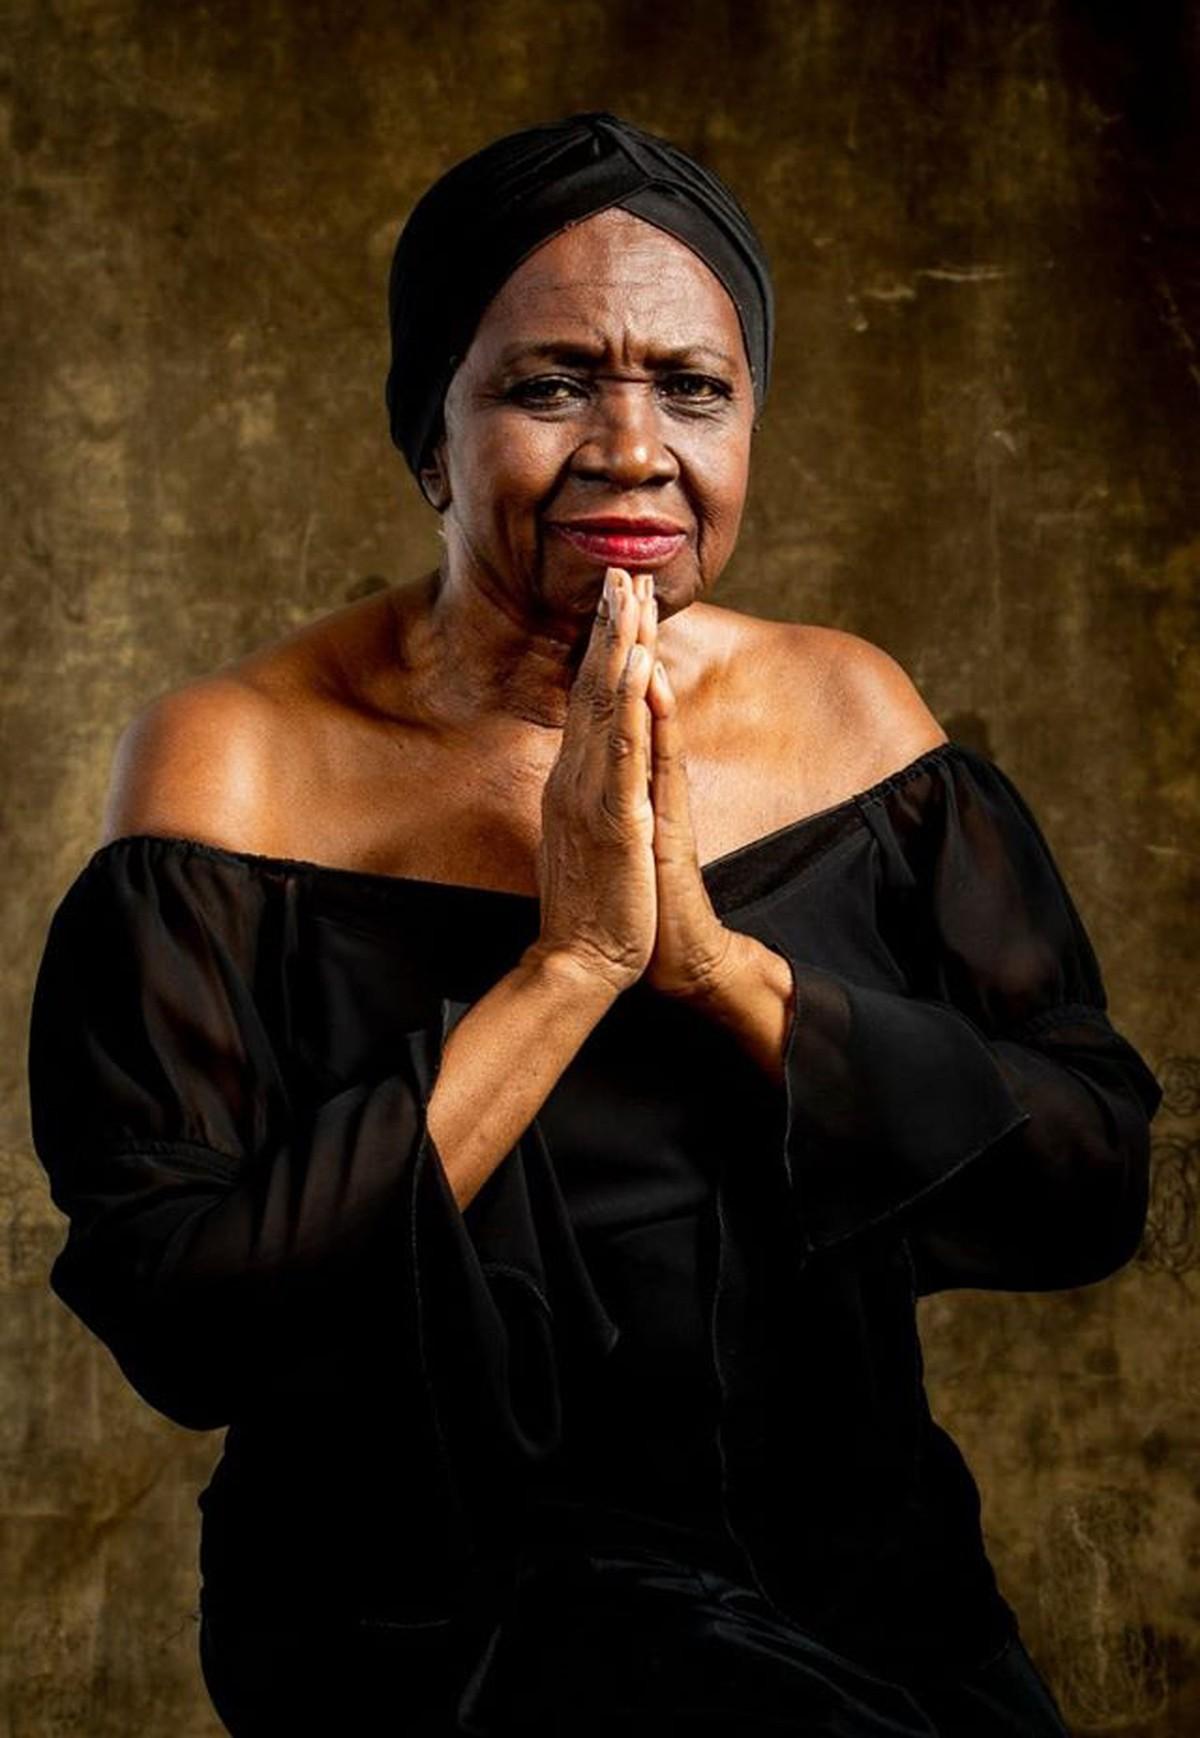 Áurea Martins festeja 80 anos com 'Iluminado sentimento' | Blog do Mauro Ferreira